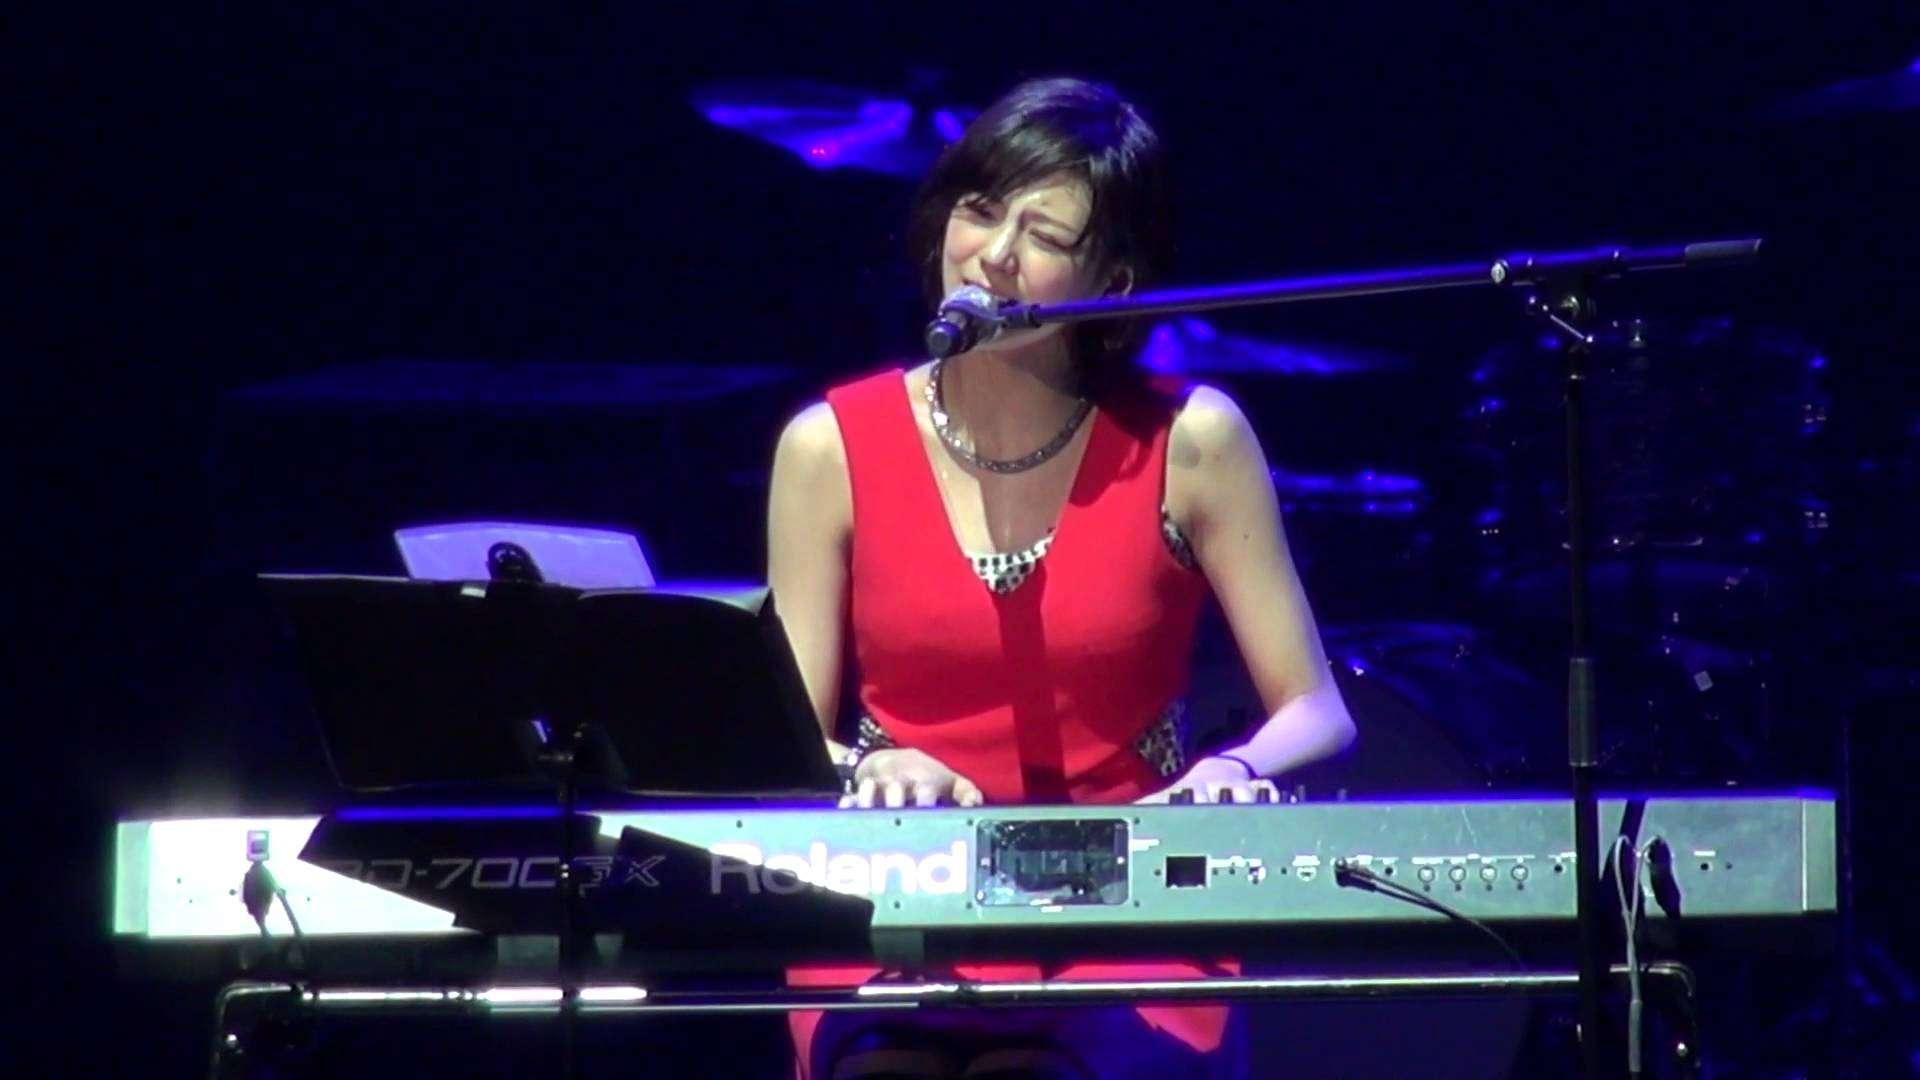 西内まりや ピアノ弾き語り ありがとうForever... / 2014.12.28 RISING福島復興支援コンサート 舞浜アンフィシアター - YouTube